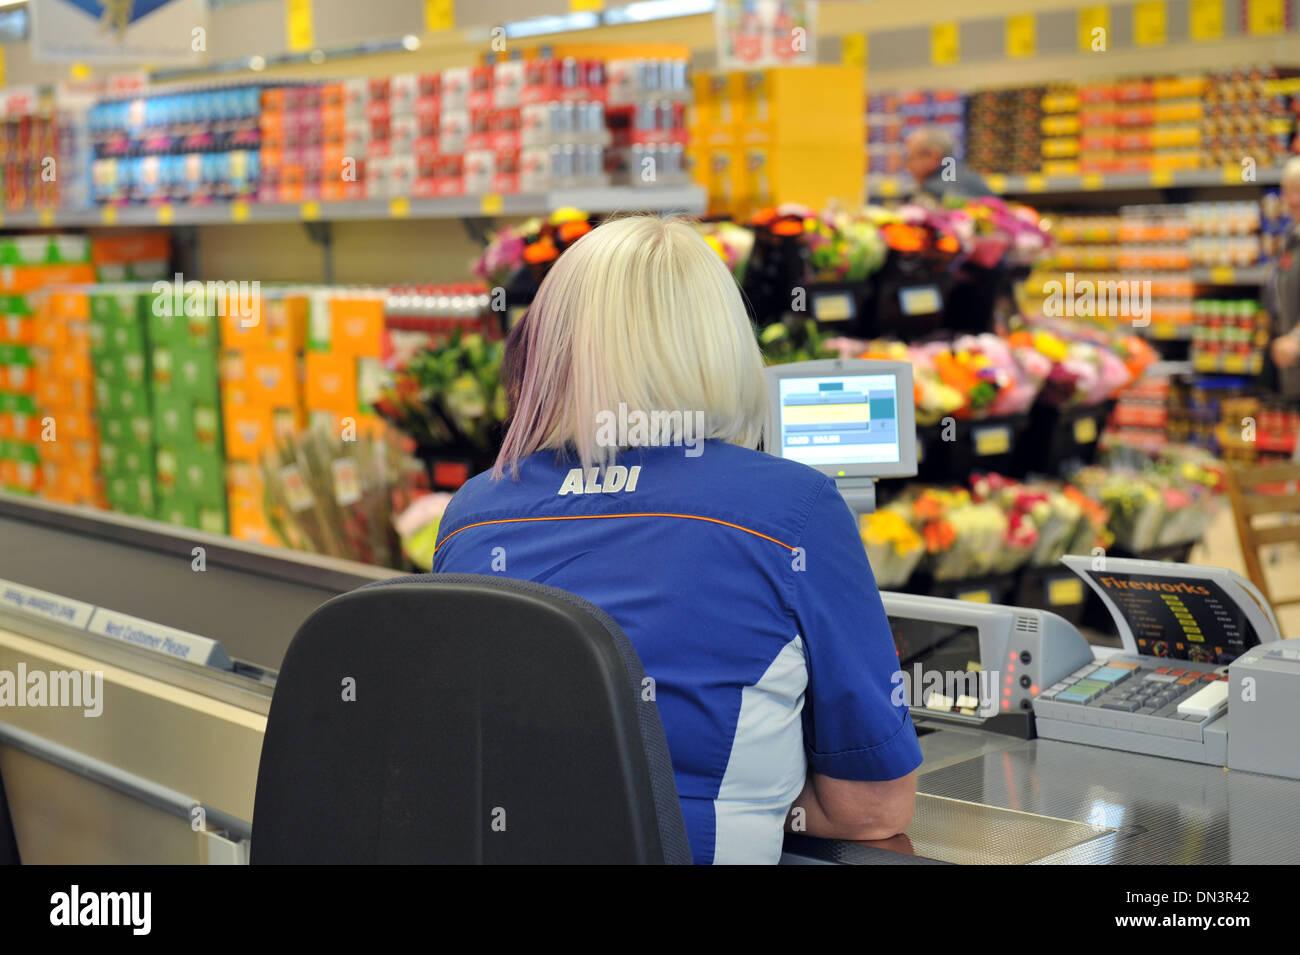 Aldi Deutschland Kühlschrank : Neu im sortiment dieses kult getränk gibt s ab sofort bei aldi